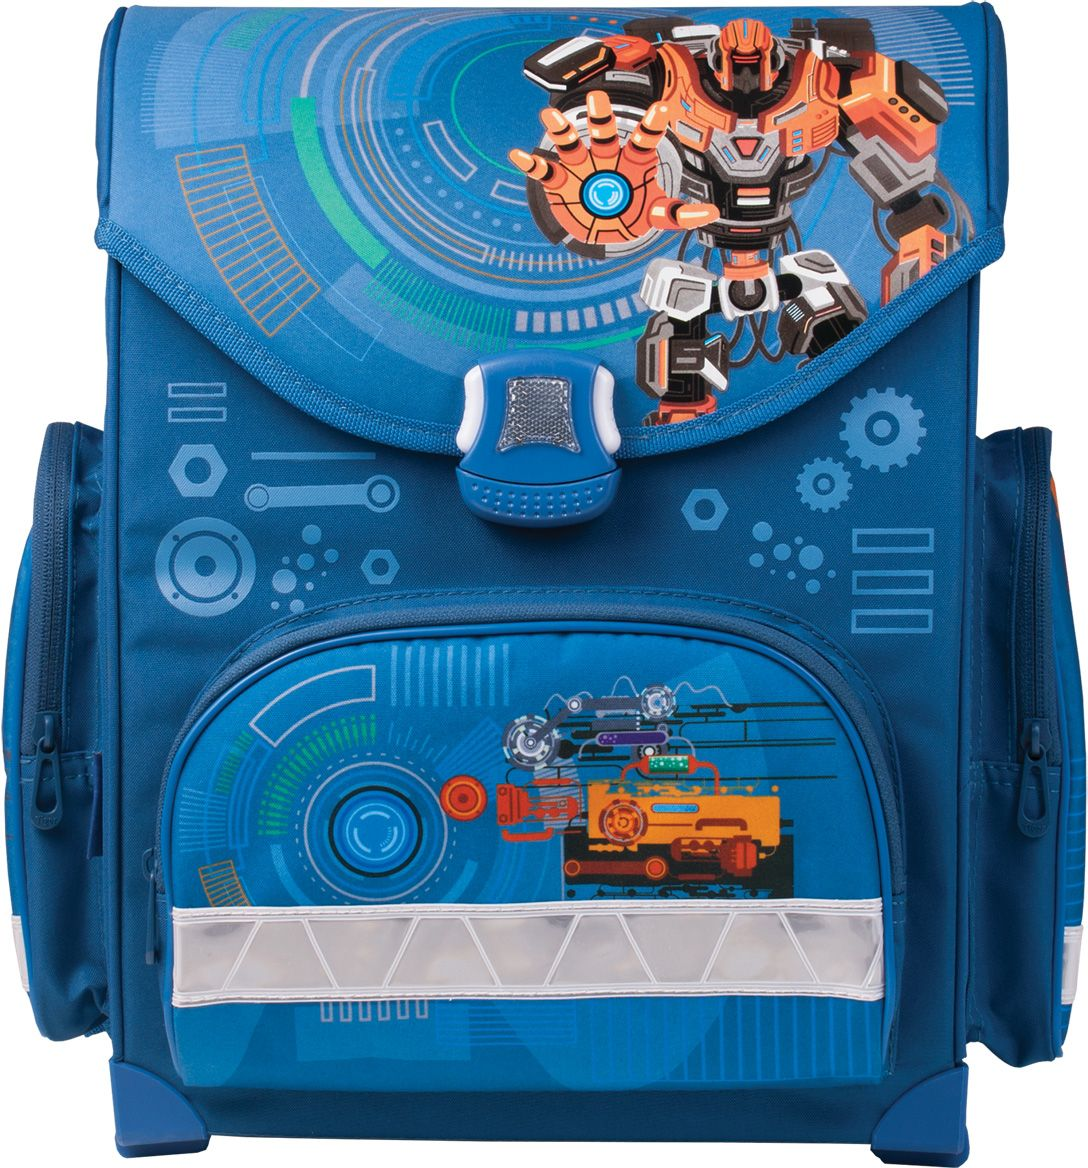 Tiger Enterprise Ранец школьный Робот225542Ранец школьный Tiger Enterprise Робот - легкий, удобный и вместительный. Анатомически правильная вентилируемая спинка поддерживает естественное положение позвоночника.Светоотражающие элементы расположены с четырех сторон, чтобы сделать маленького пешехода заметным на дороге. Устойчивое дно изготовлено из немаркого прорезиненного материала и надежно защищает учебники и тетради от намокания. Качественный водоотталкивающий материал не позволяет грязи въедаться, поэтому ранец легко чистить влажной тряпочкой. Ранец имеет одно основное отделение на защелке и три внешних кармана на молниях.Все материалы и красители проверены на отсутствие вредных веществ и аллергенов в соответствии с европейским стандартом качества и безопасности.